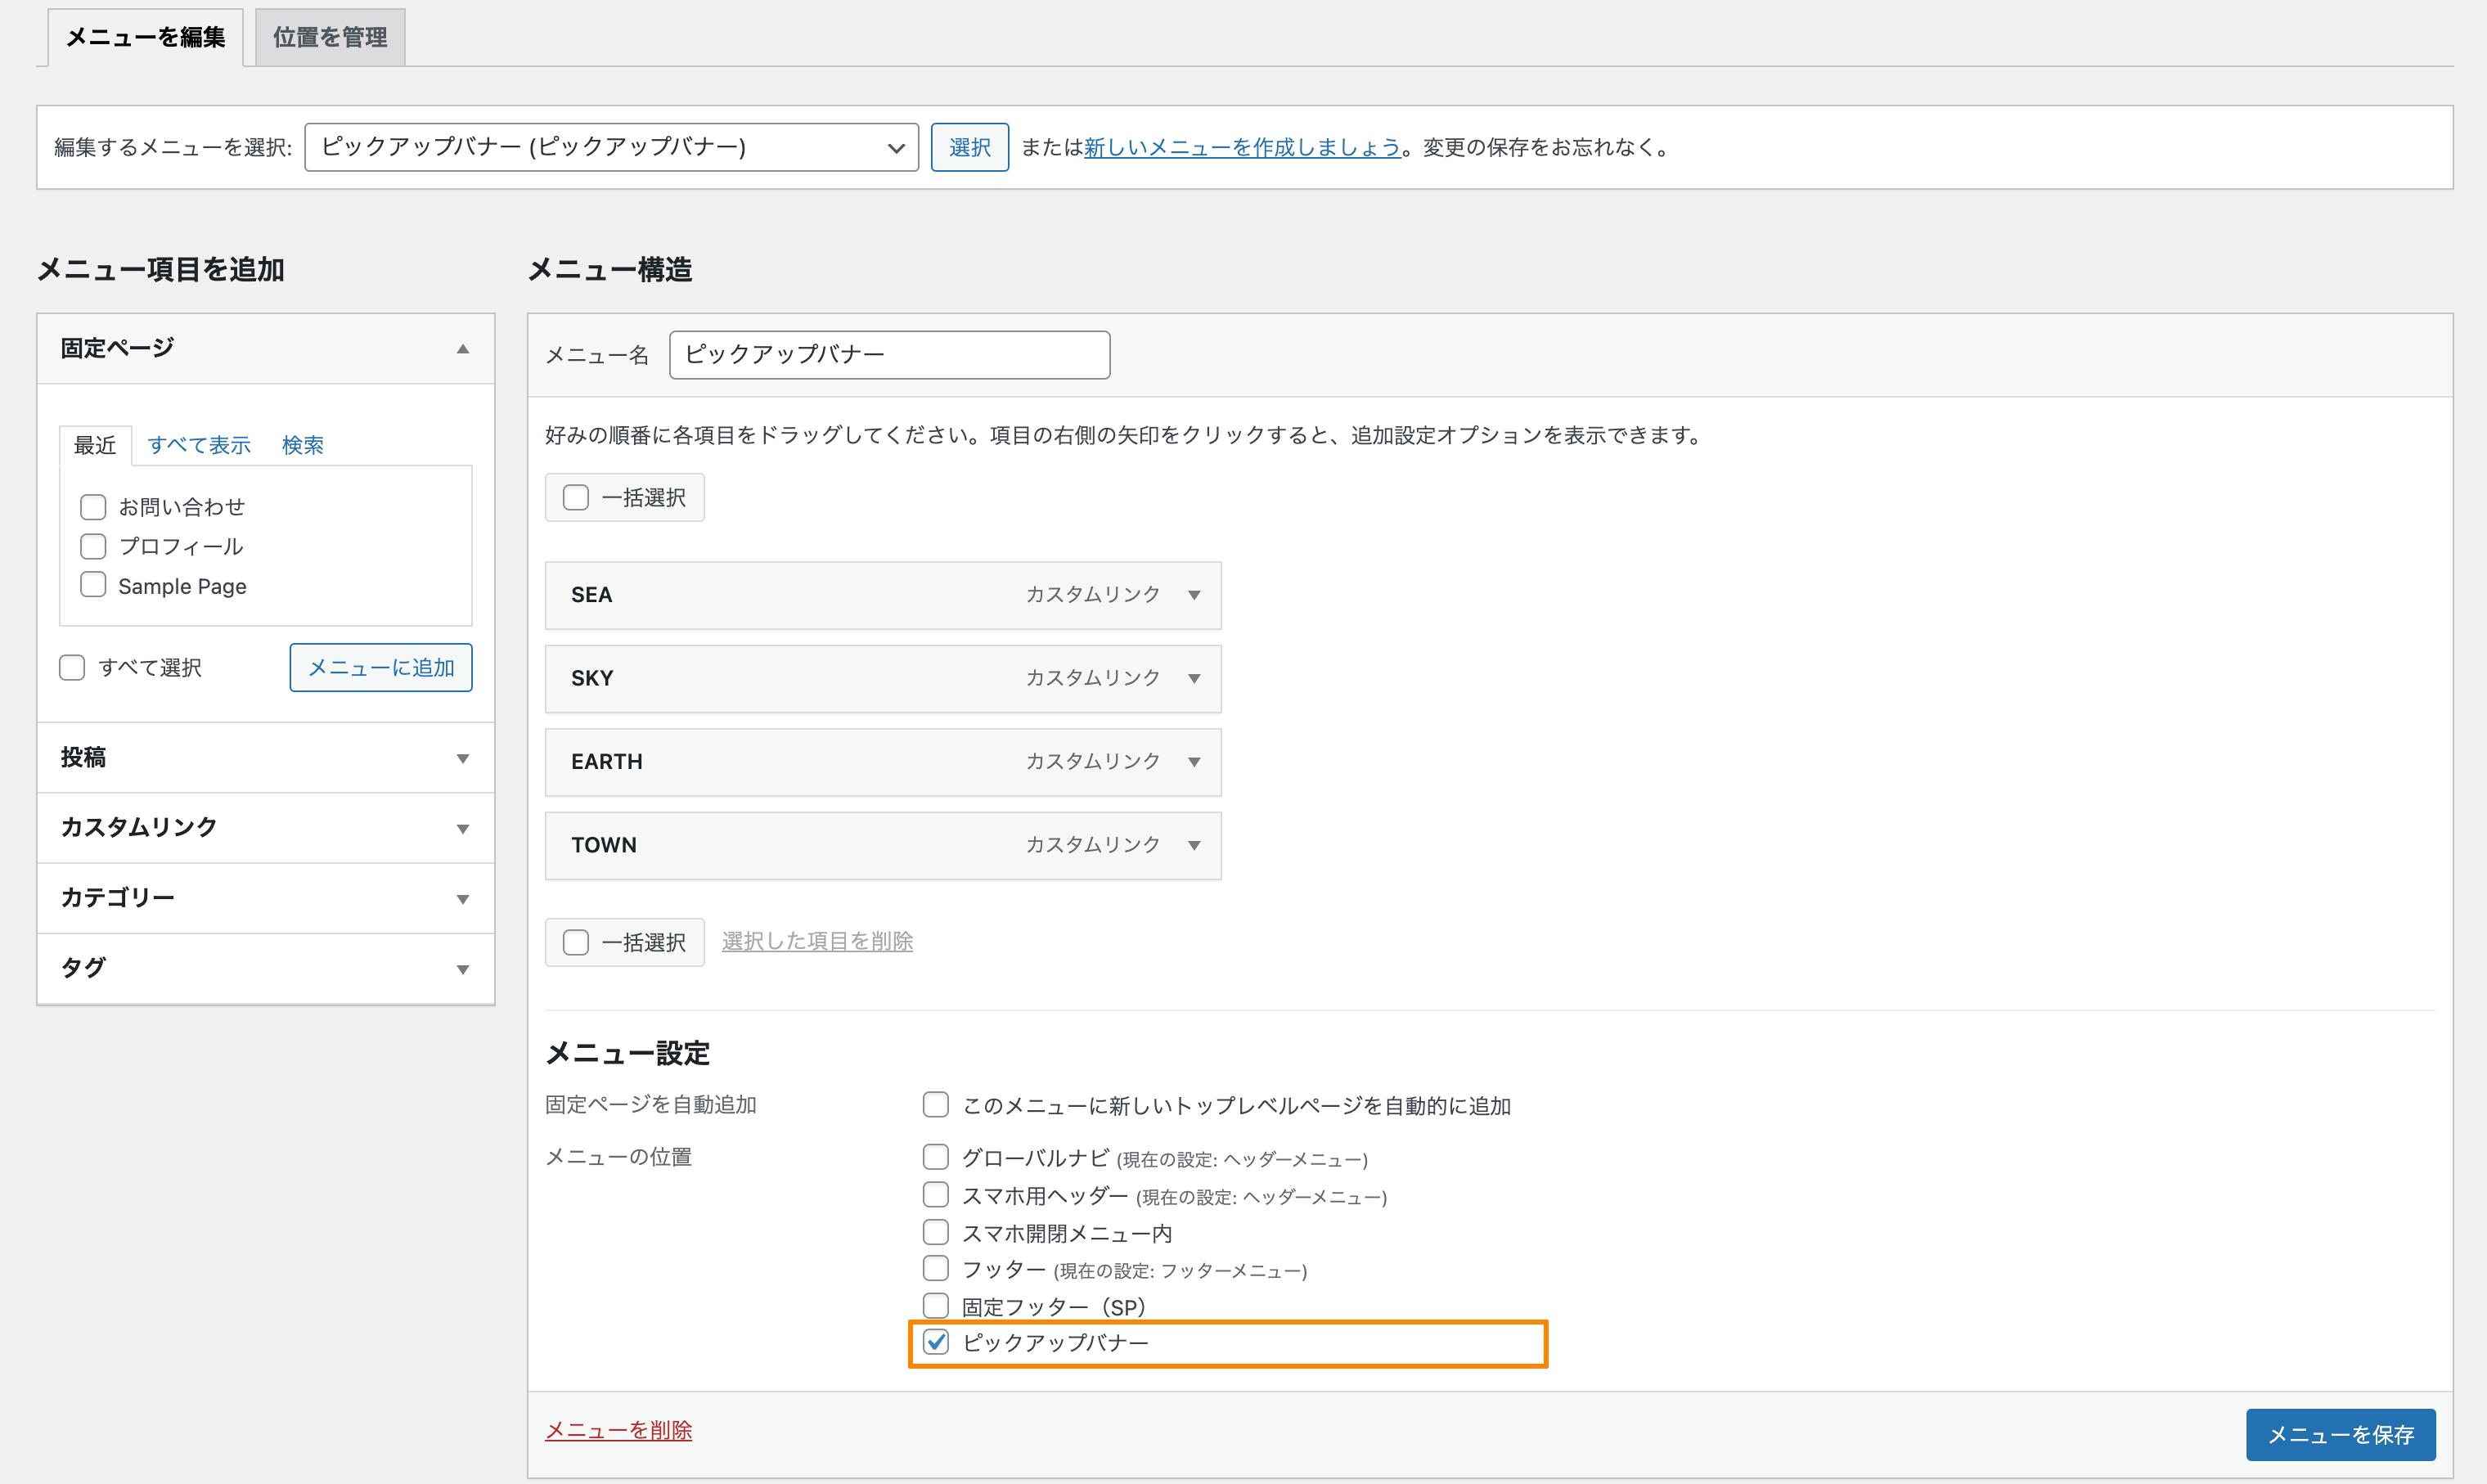 ピックアップバナー編集画面